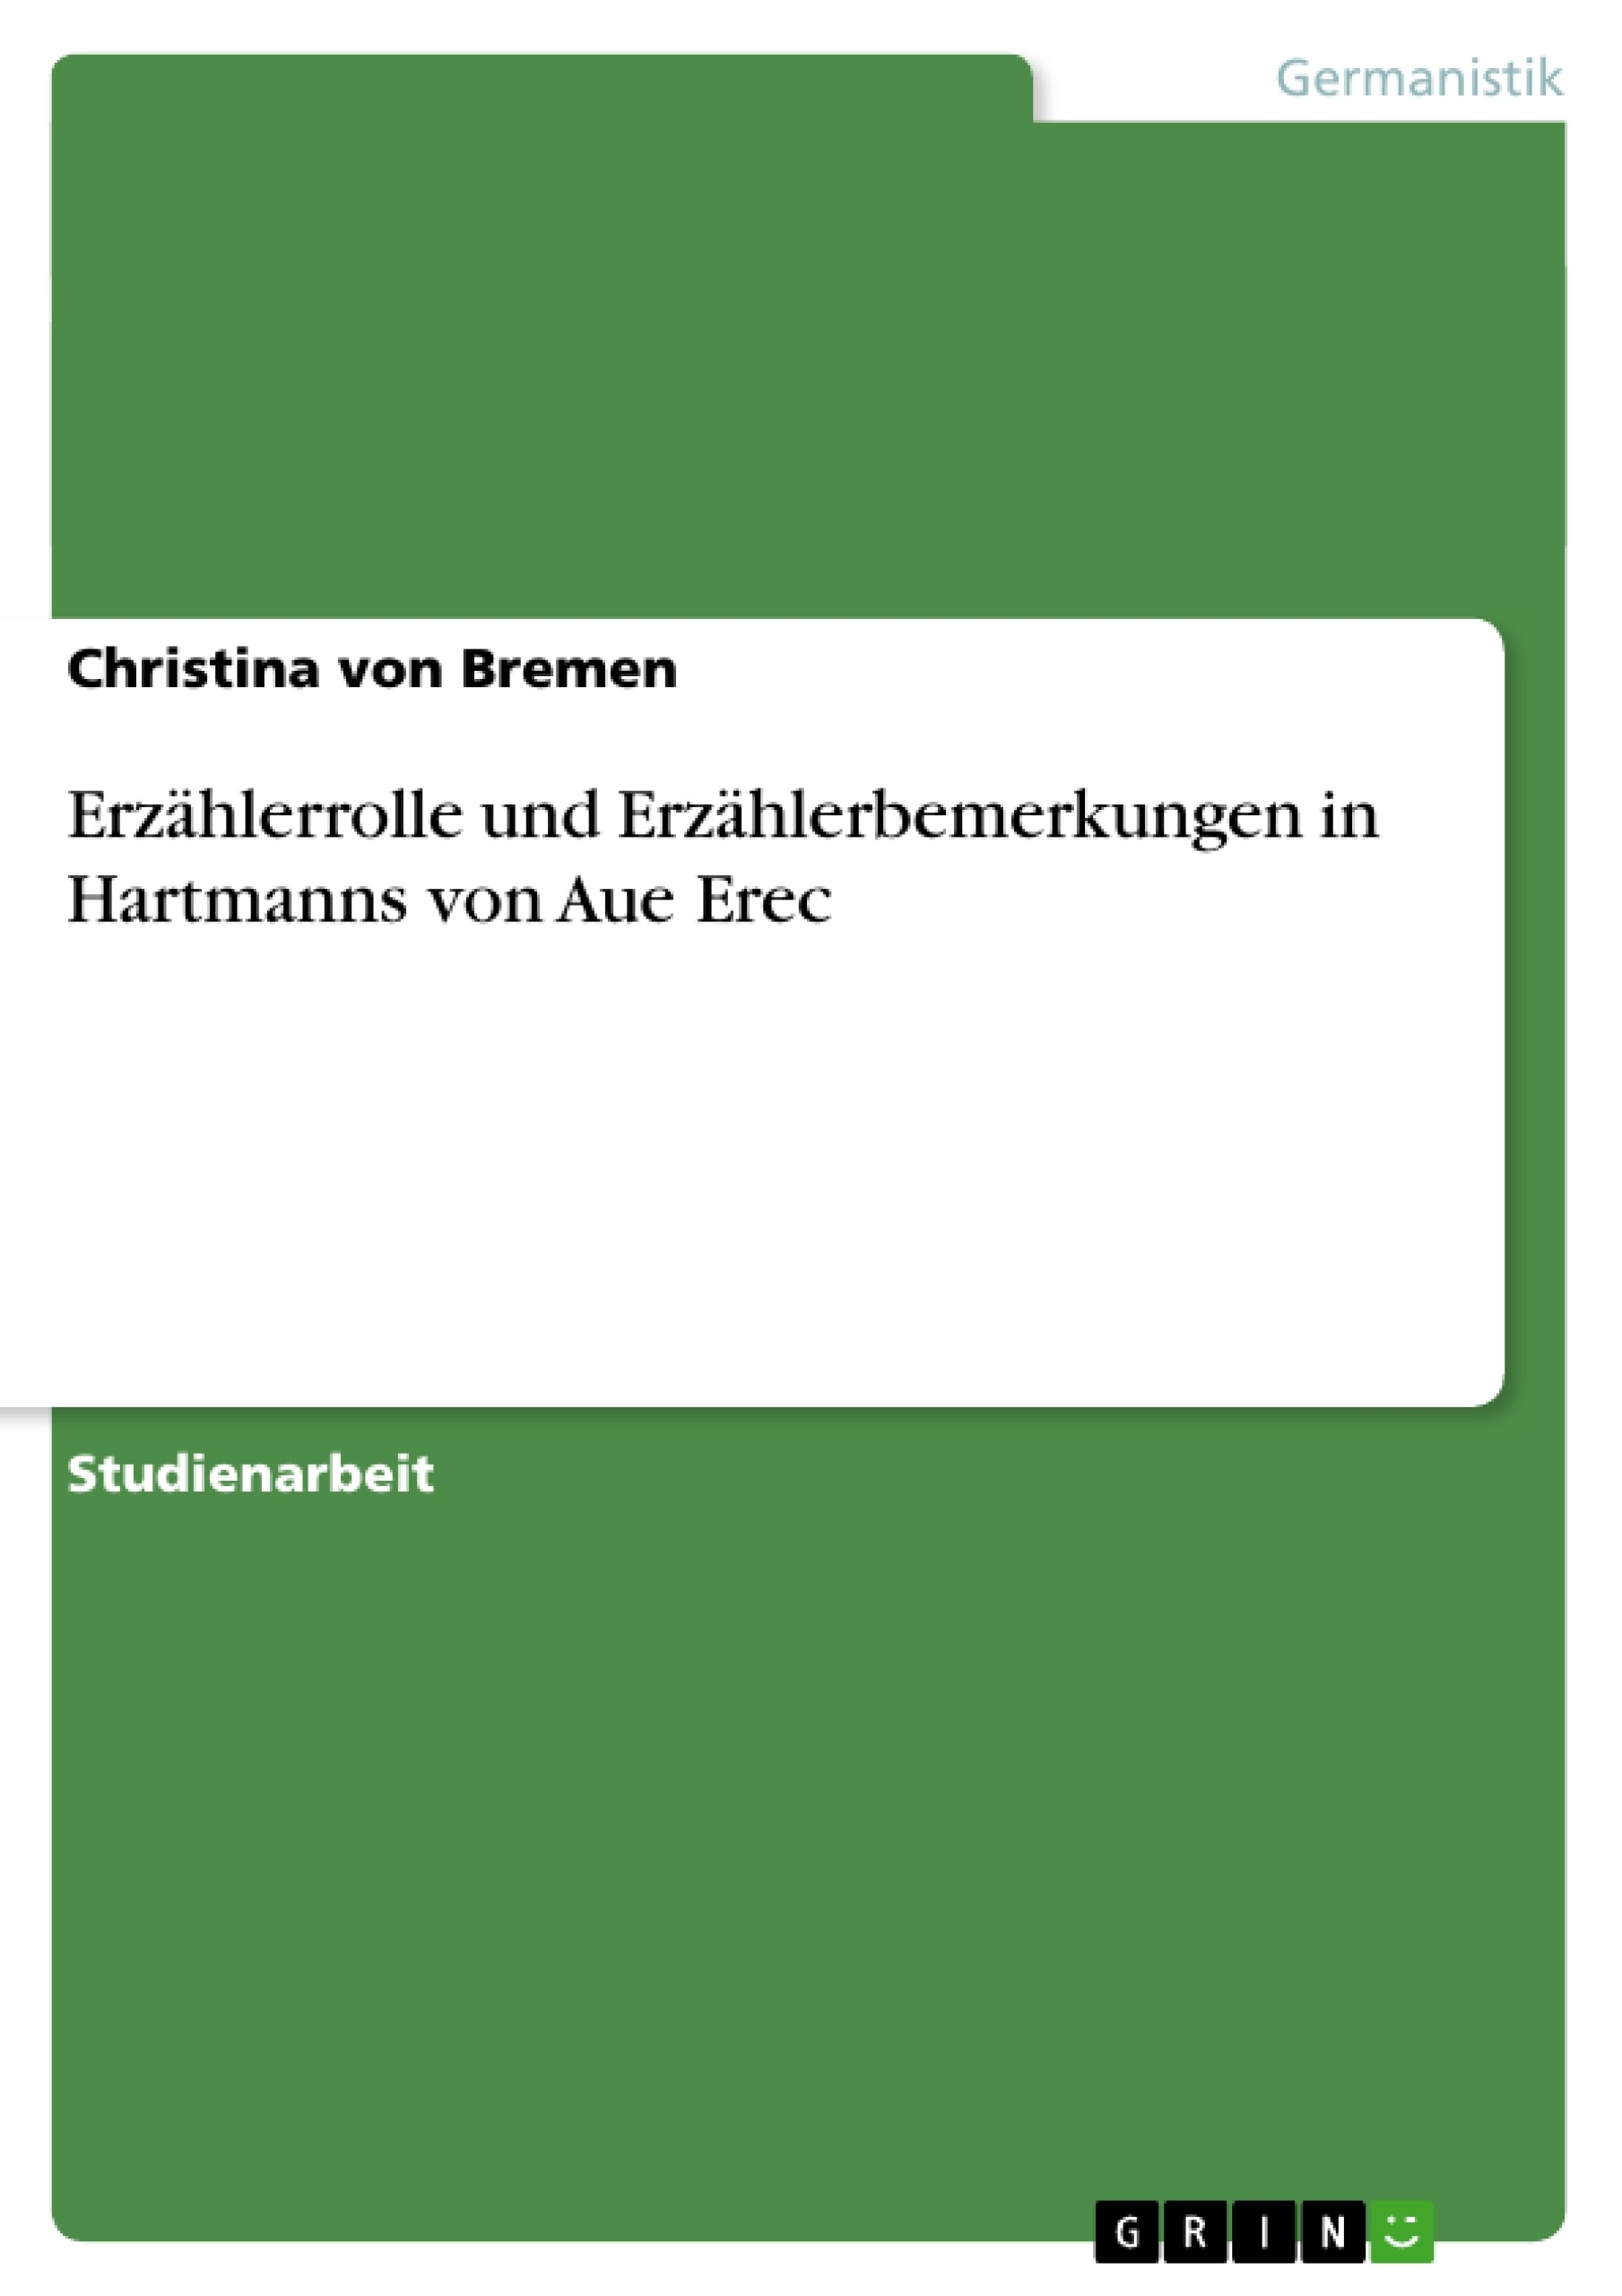 Titel: Erzählerrolle und Erzählerbemerkungen in Hartmanns von Aue Erec